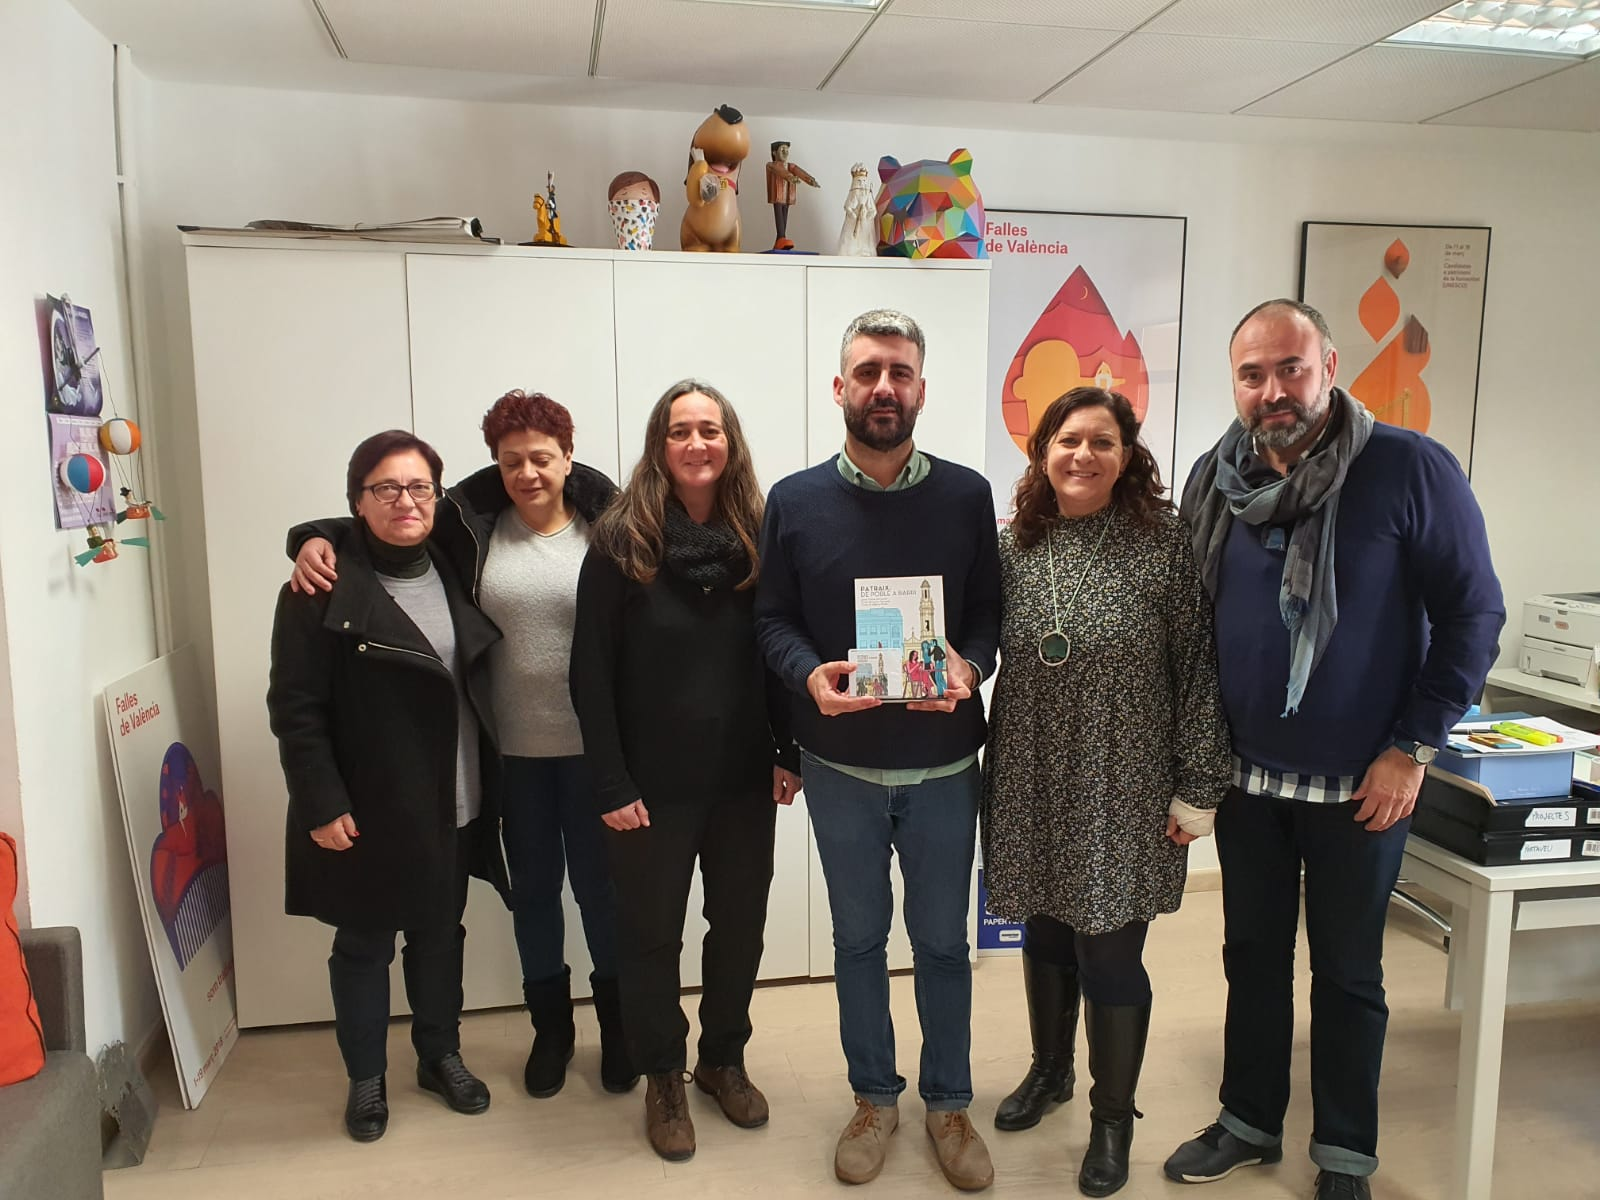 L'Associació Veïnal de Patraix es reuneix amb el regidor Pere Fuset per a informar-lo dels actes del 150 aniversari de l'annexió de l'antic poble a la ciutat de València